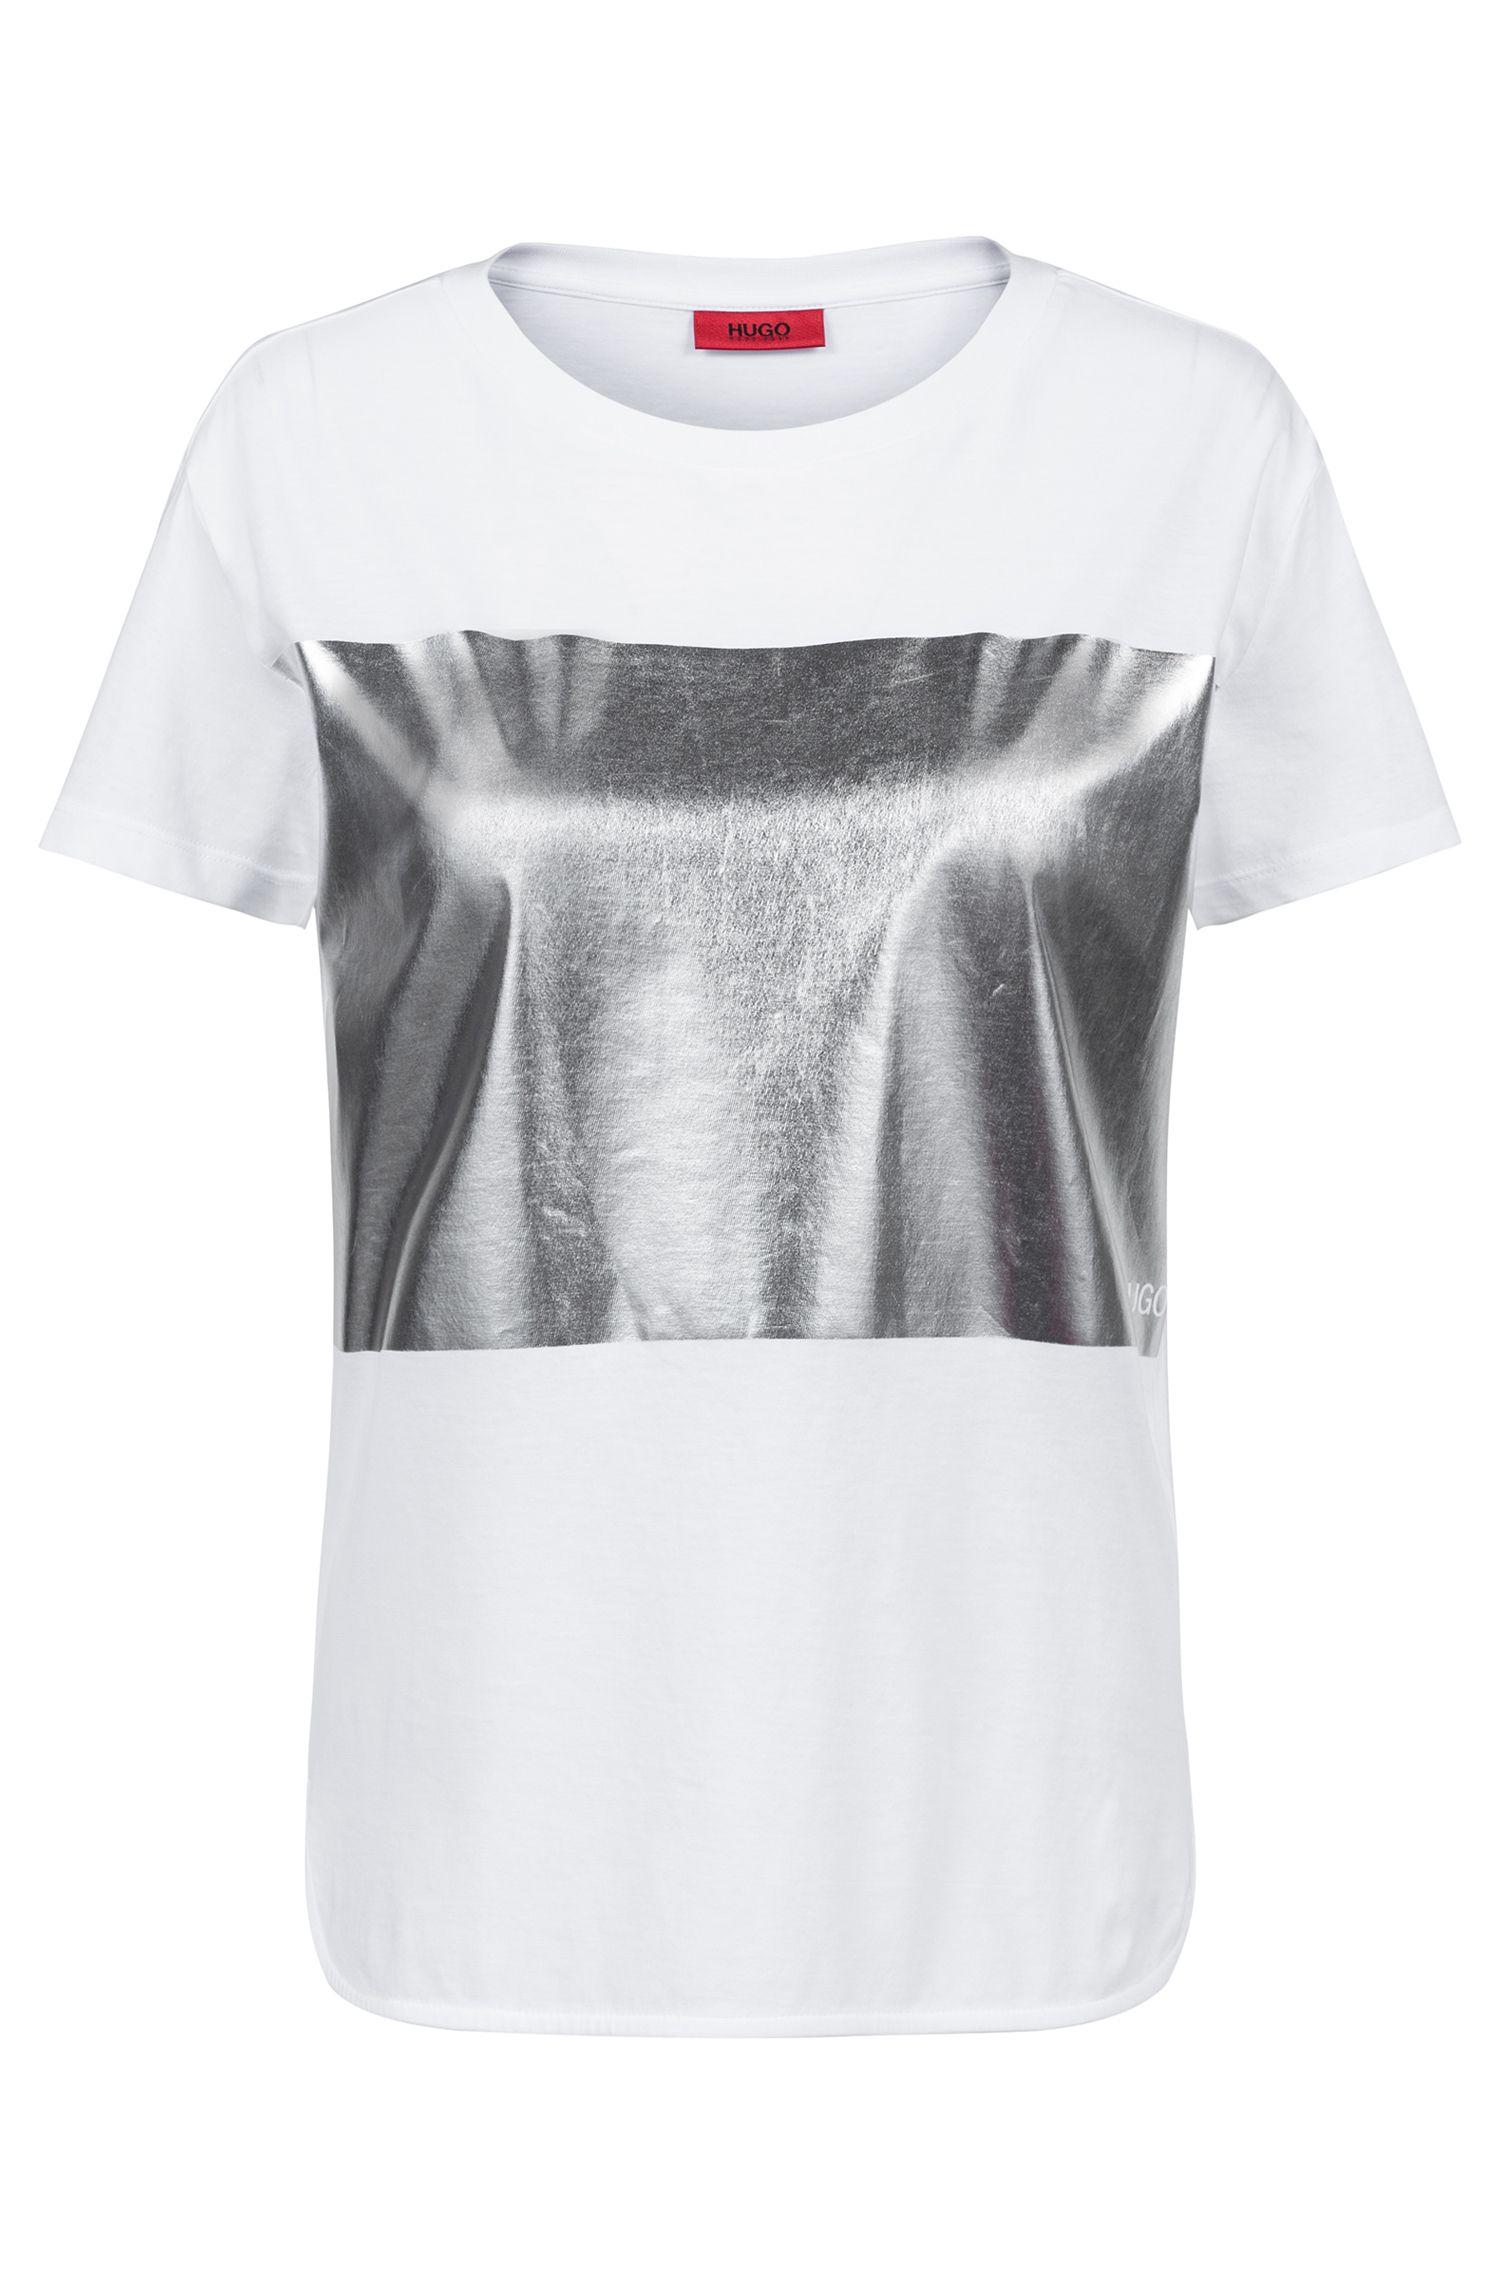 T-shirt Relaxed Fit en jersey à gros carré argenté imprimé, Blanc